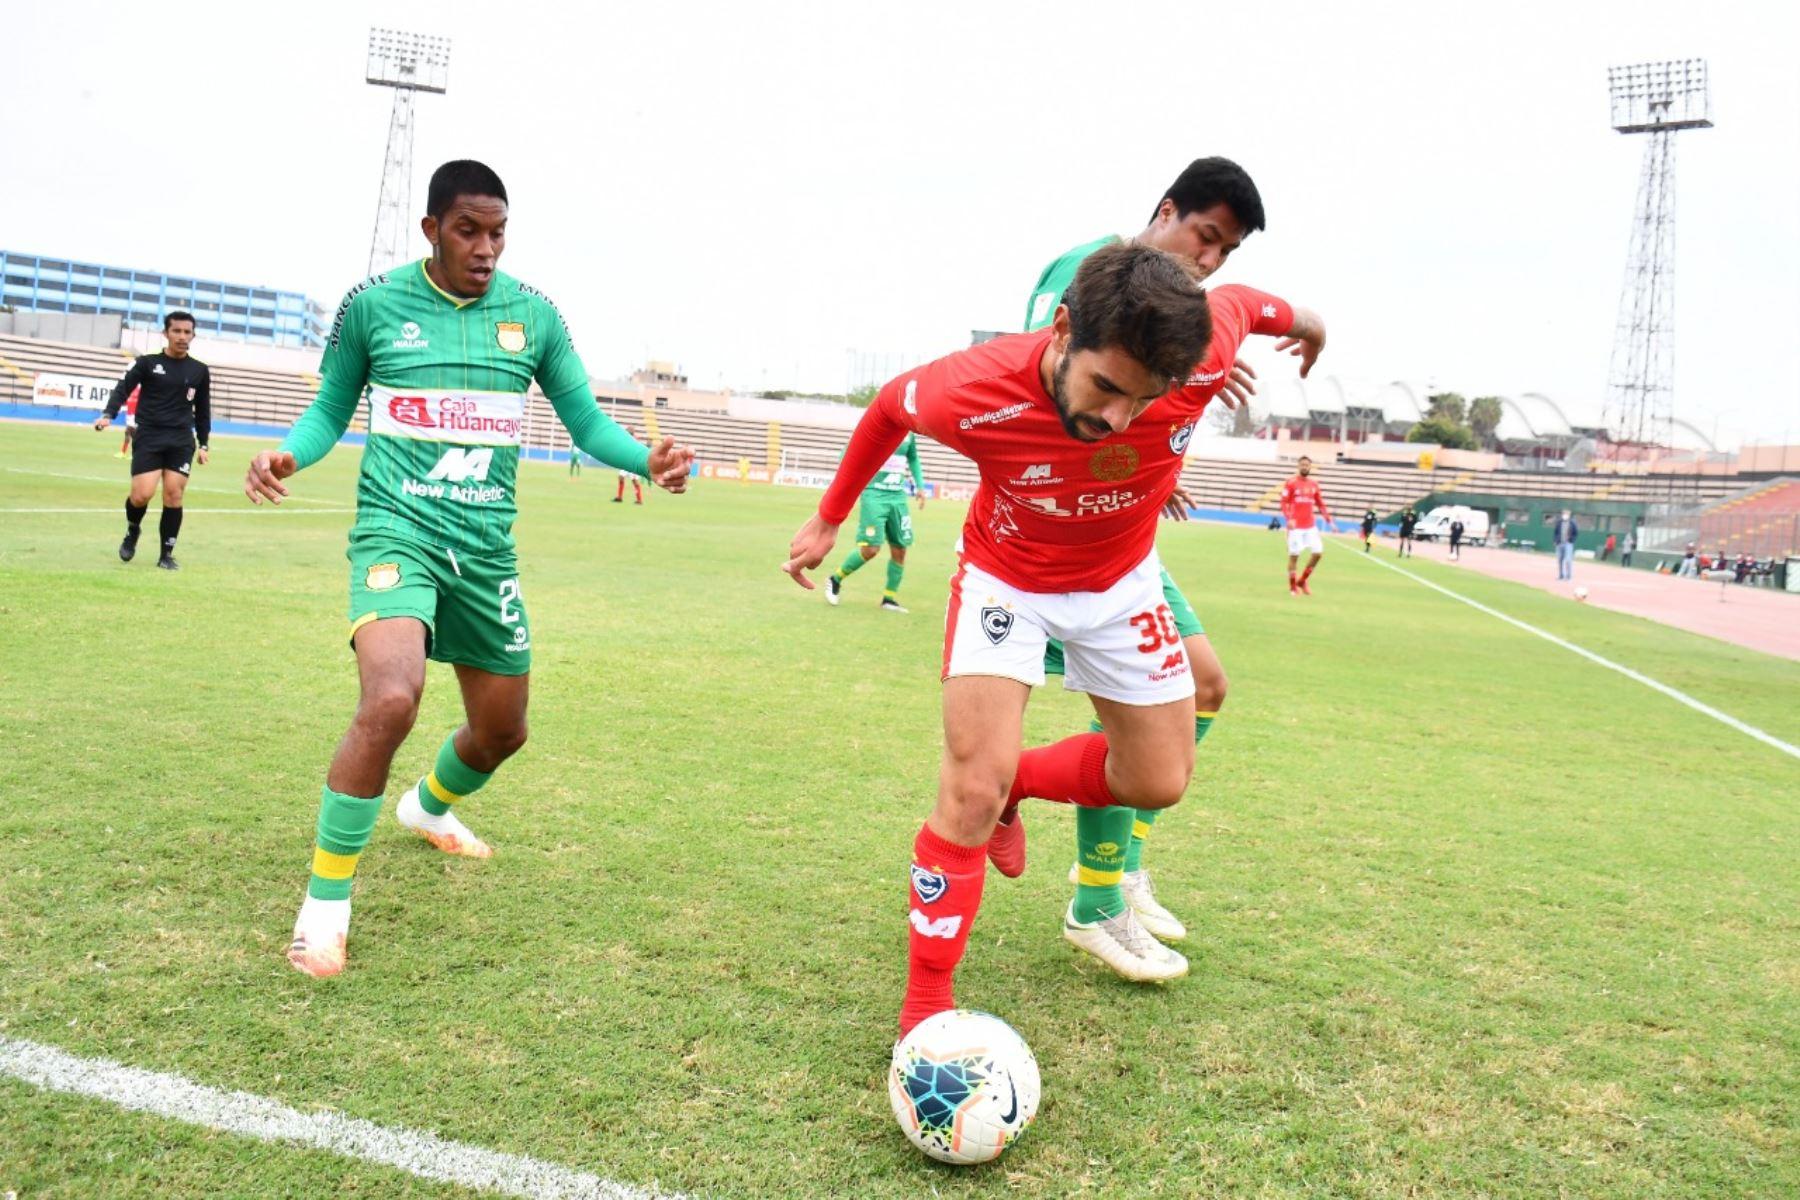 El futbolista P. Larrauri del Cienciano protege el balón ante marca de su rival de Sport Huancayo por la jornada 15 de la Liga 1, en el estadio Miguel Grau del Callao. Foto: @LigaFutProf